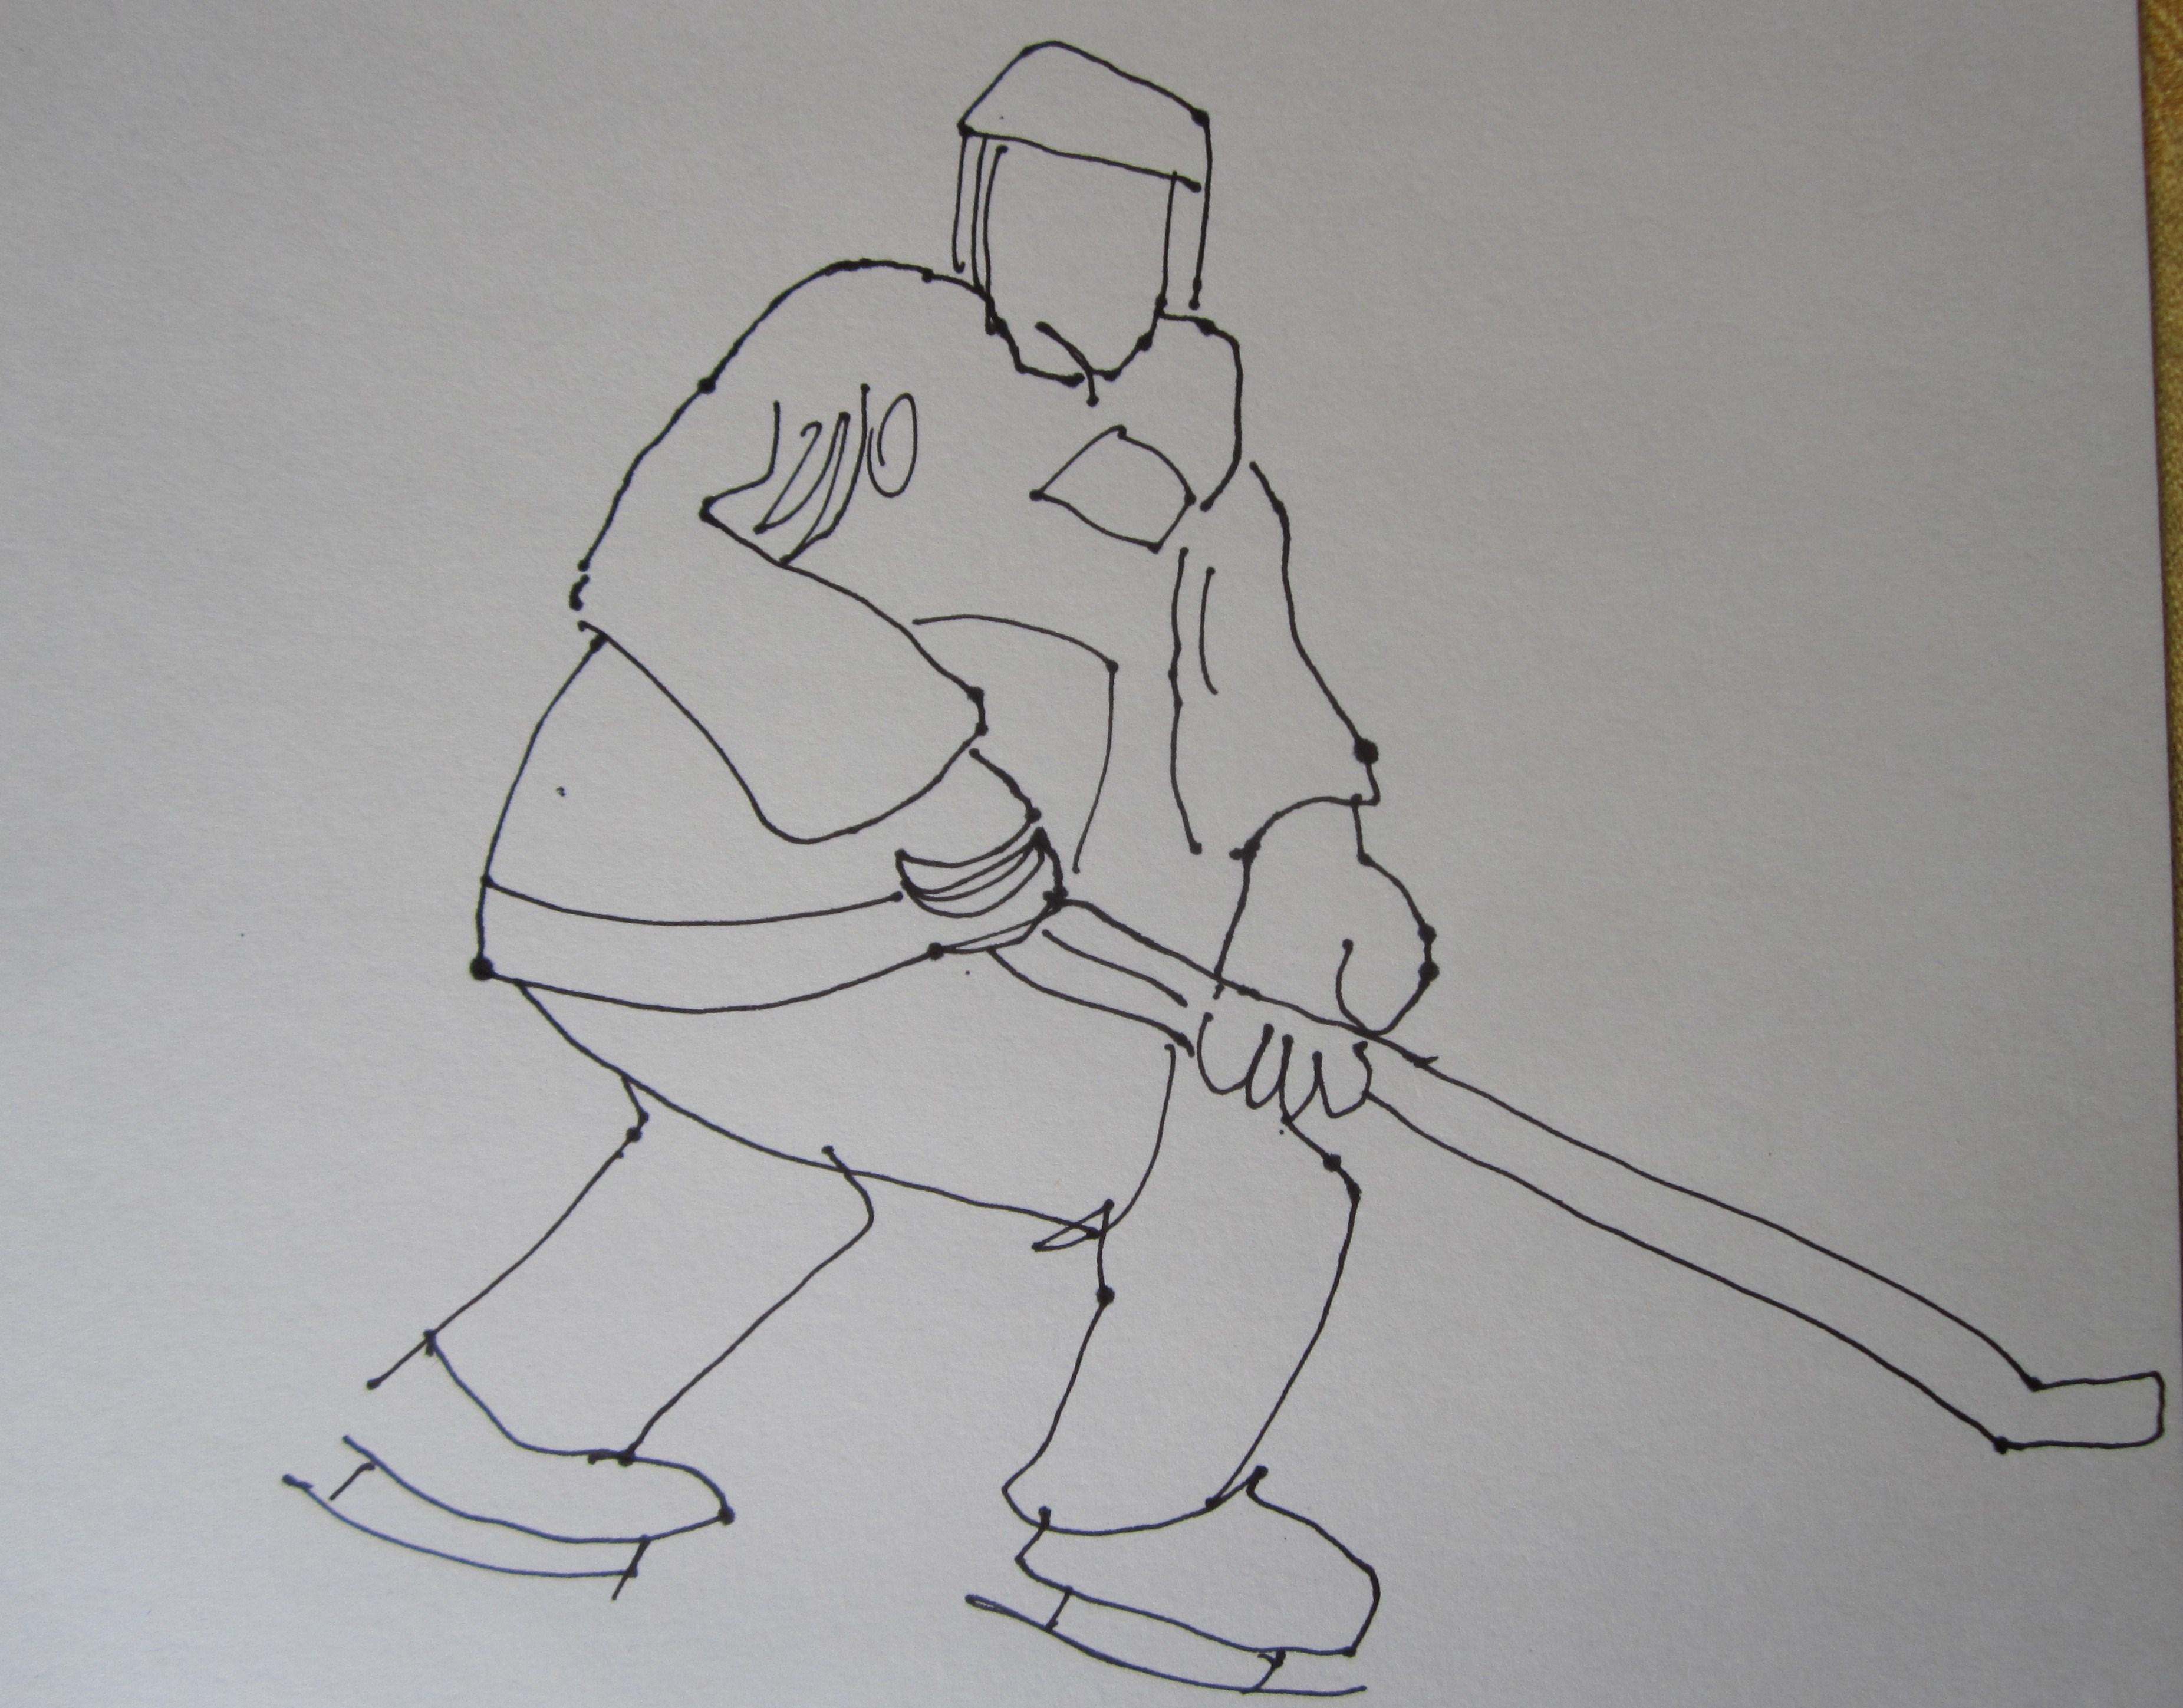 Eishockey - Skizze von Susanne Haun - Füllfederhalter auf Hahnemühle Skizzenpapier